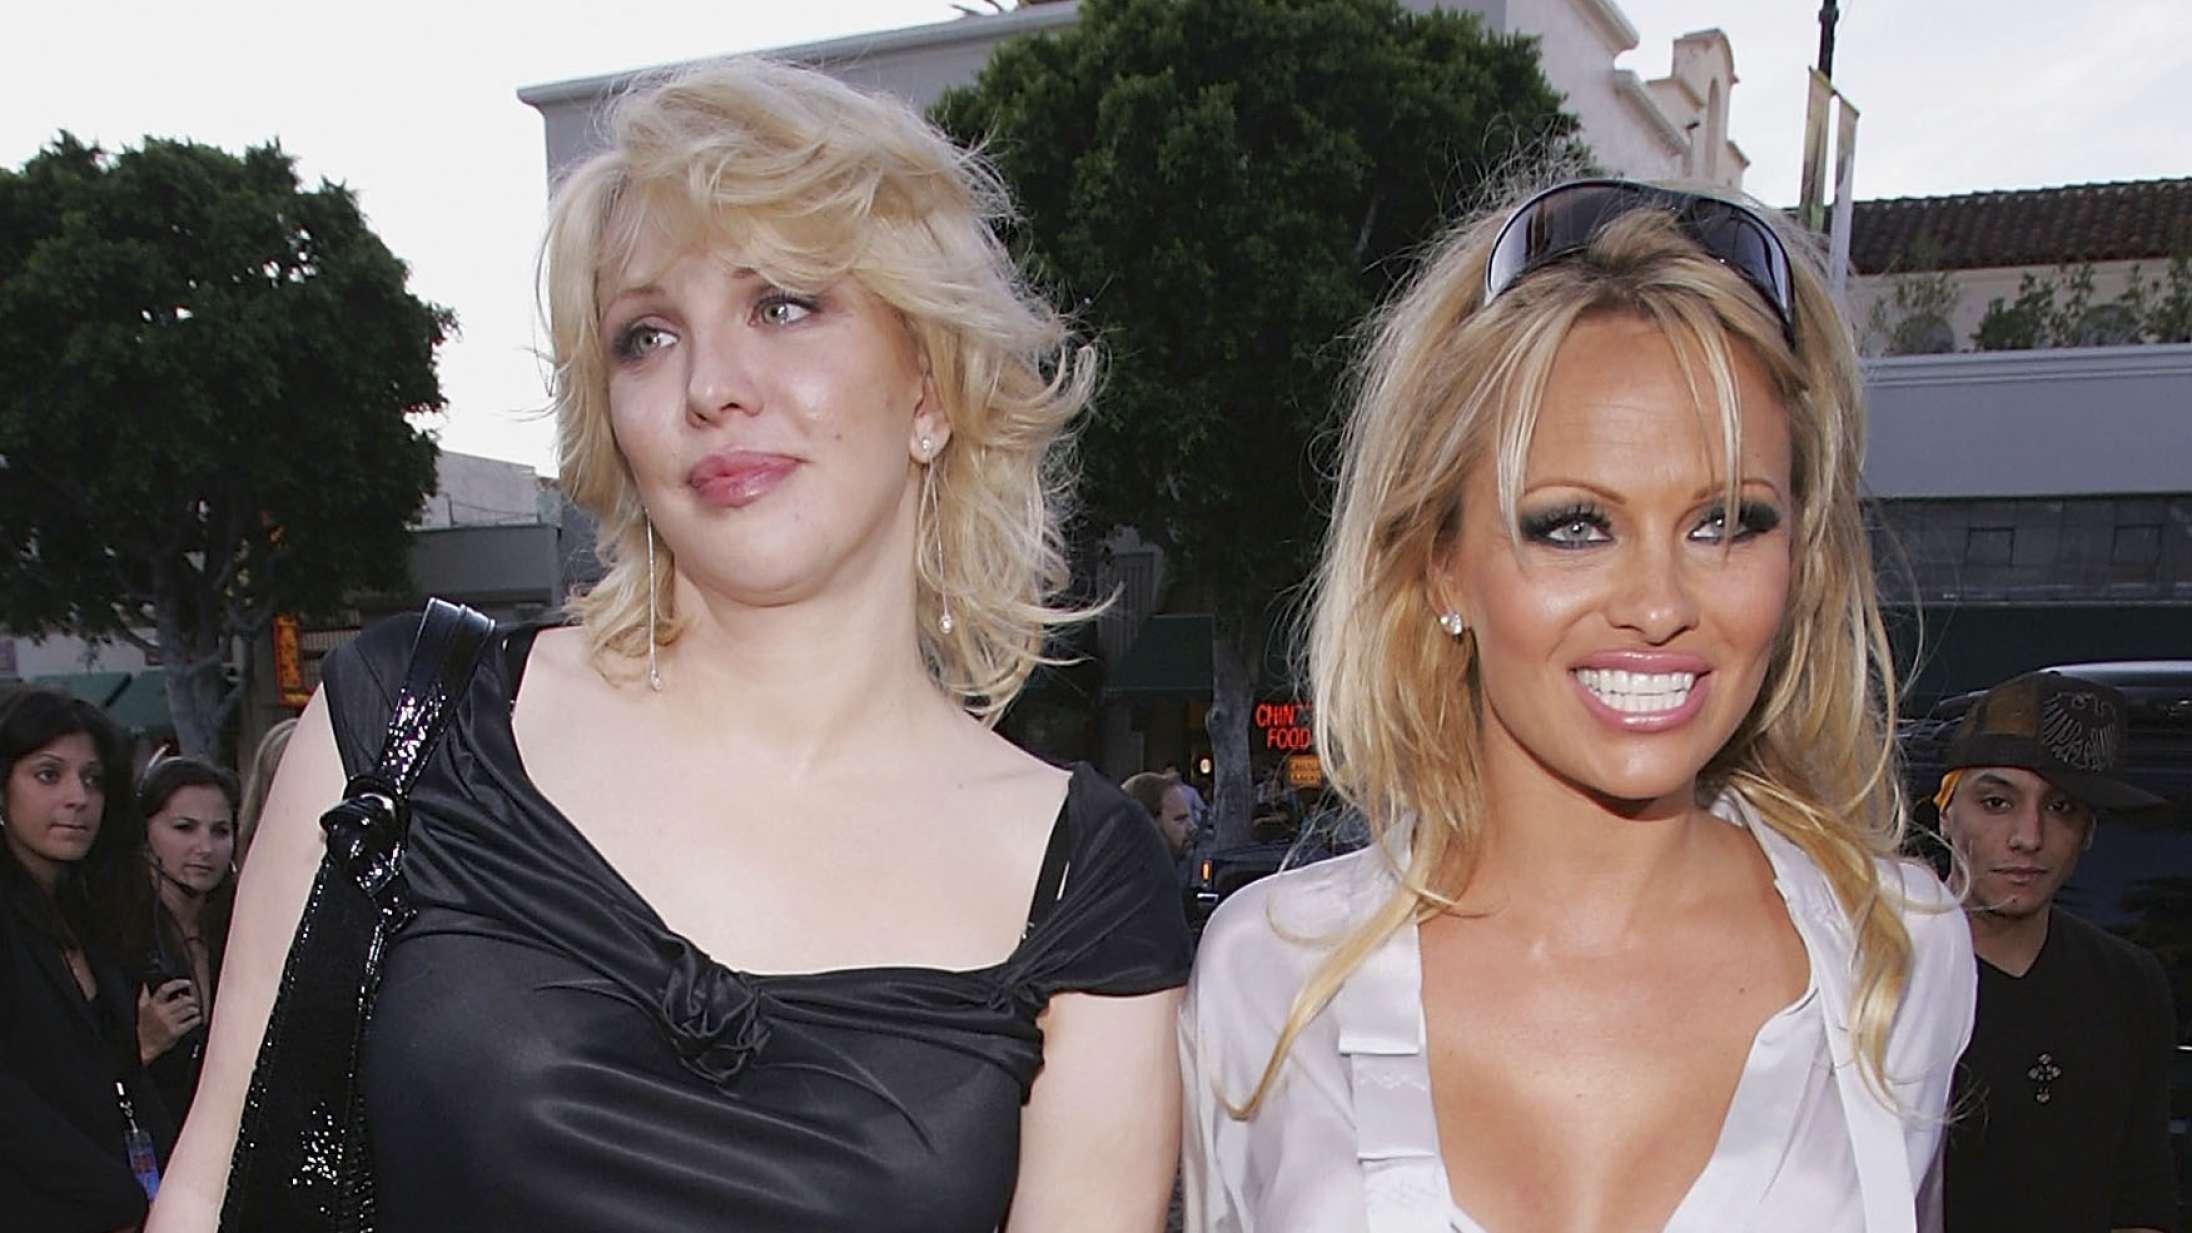 Courtney Love kritiserer serie om Pamela Anderson og Tommy Lees sextape-læk: »Lily James burde skamme sig«